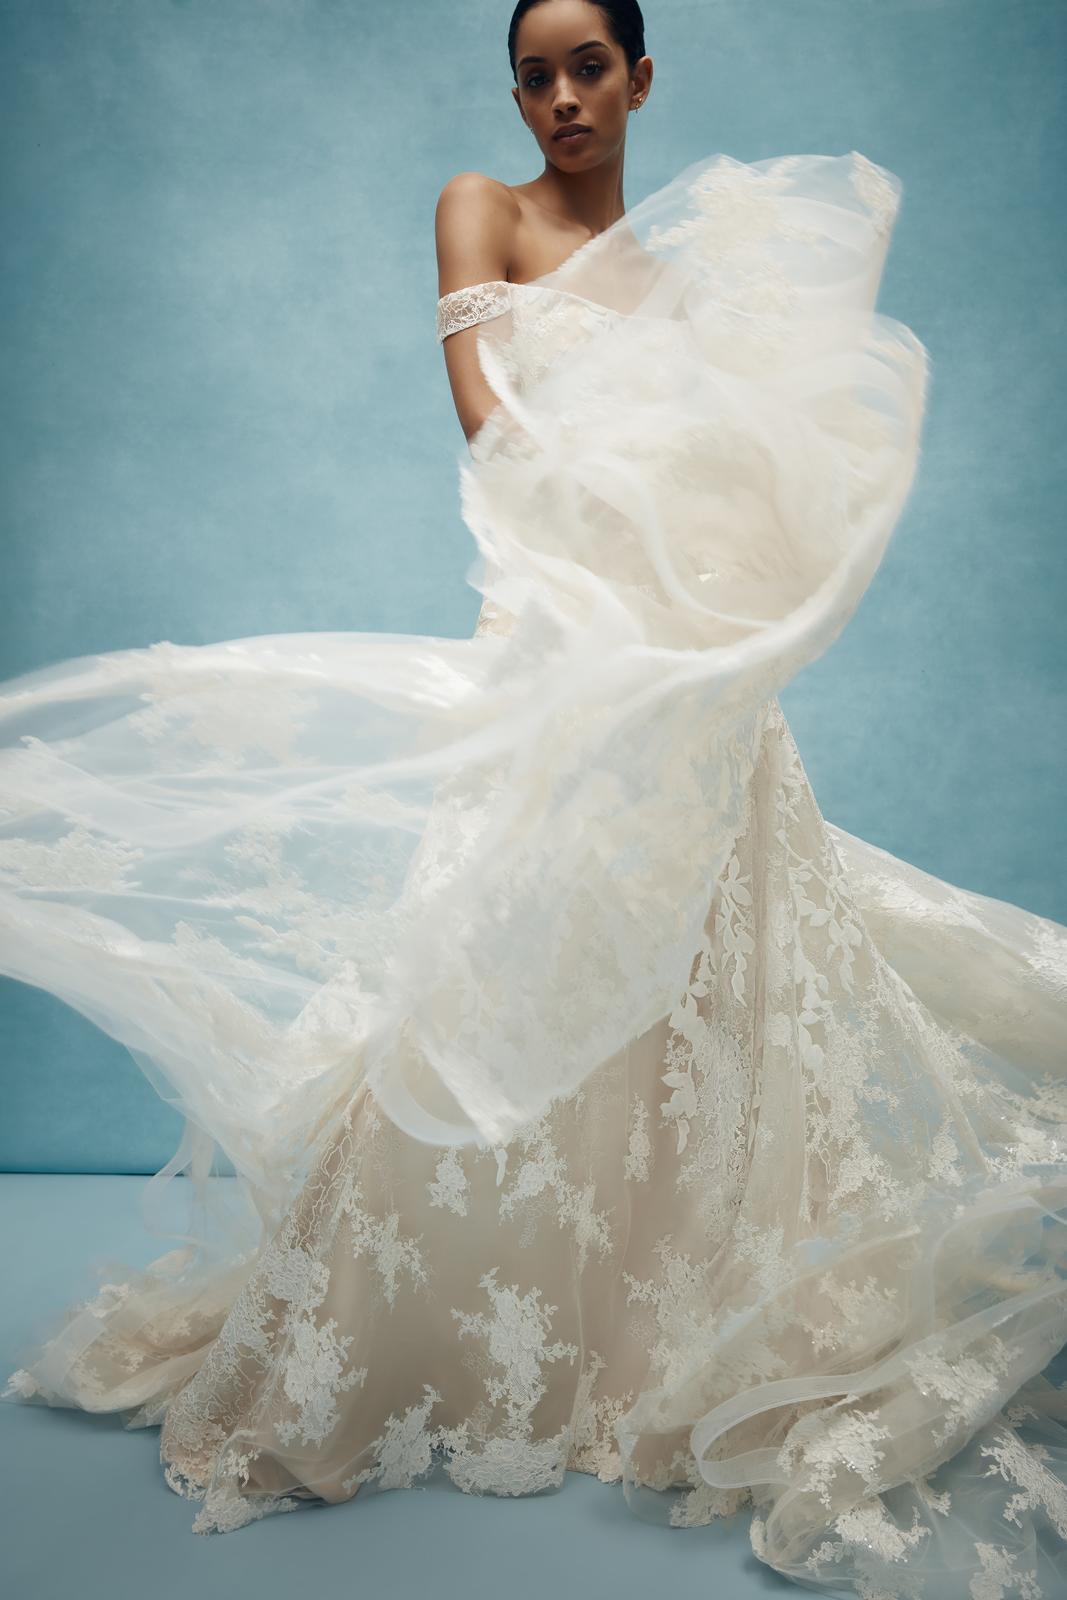 Svadobná kolekcia Anne Barge 2020 - Obrázok č. 8